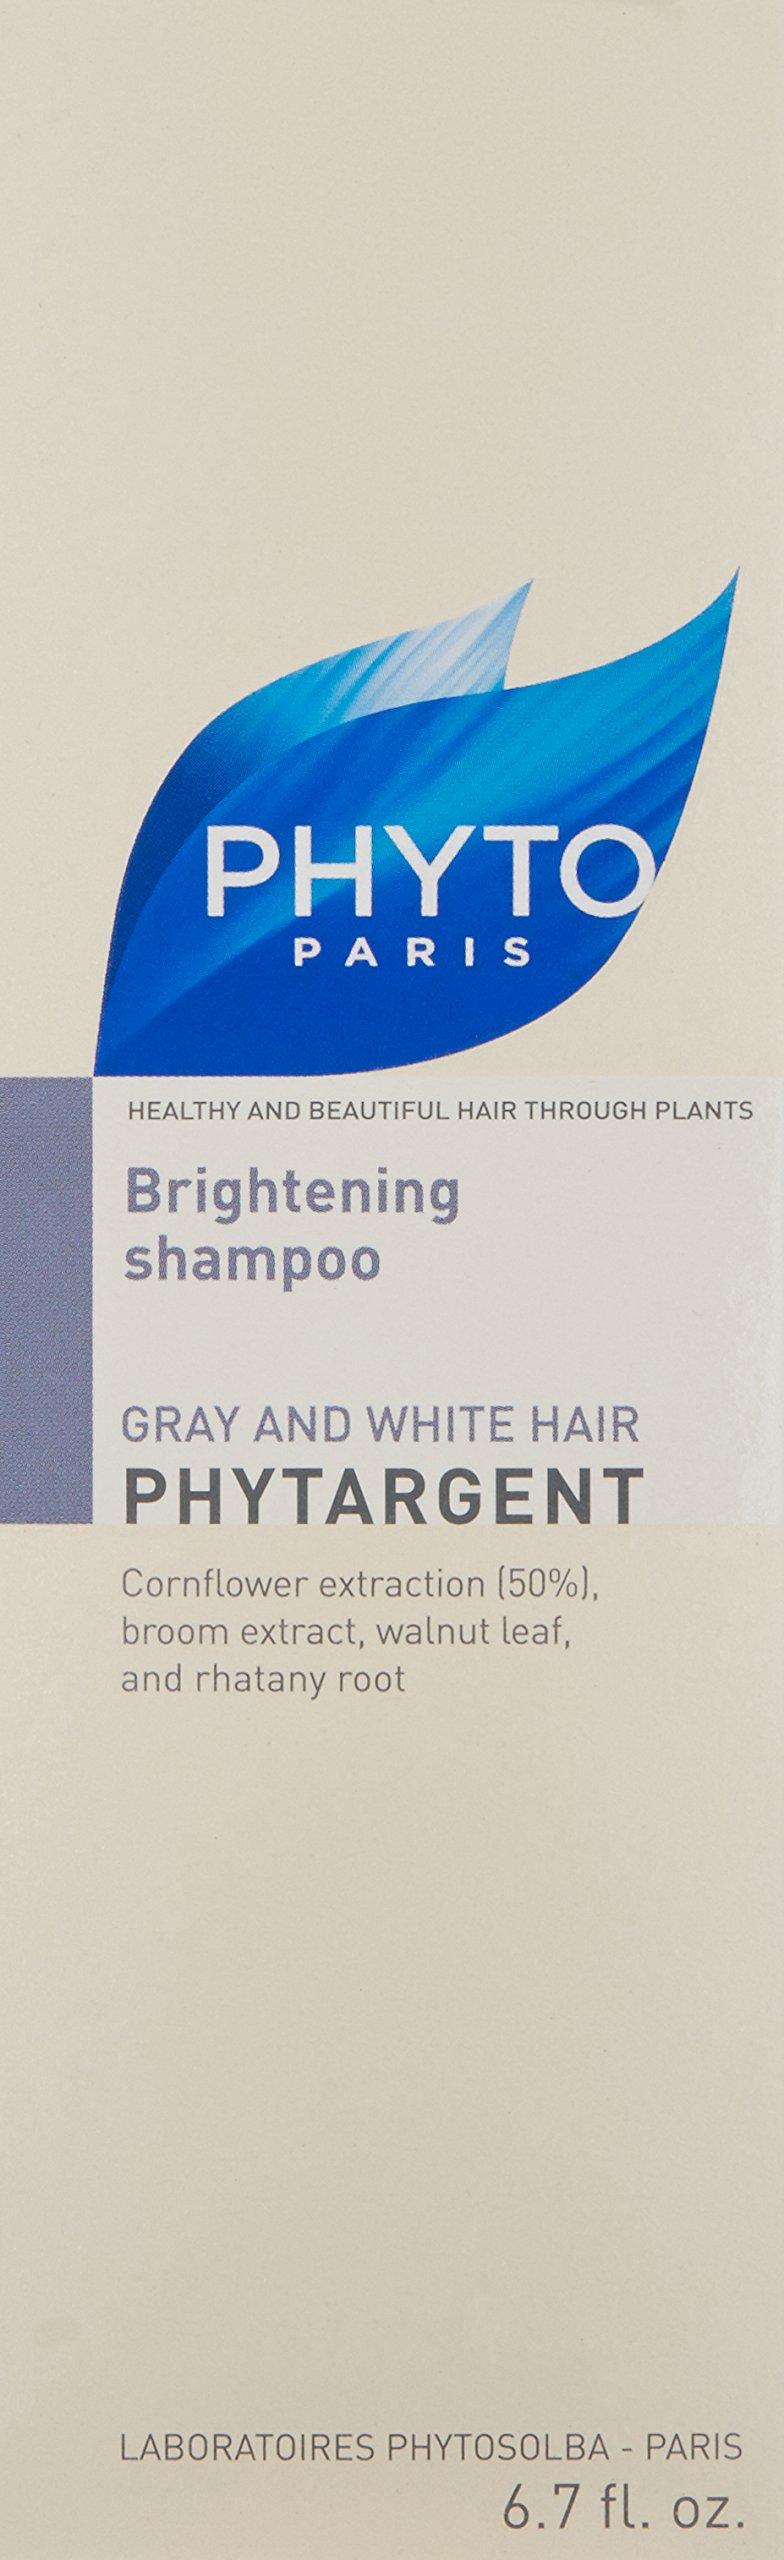 PHYTO PHYTARGENT Brightening Shampoo, 6.7 fl. oz. by PHYTO (Image #2)